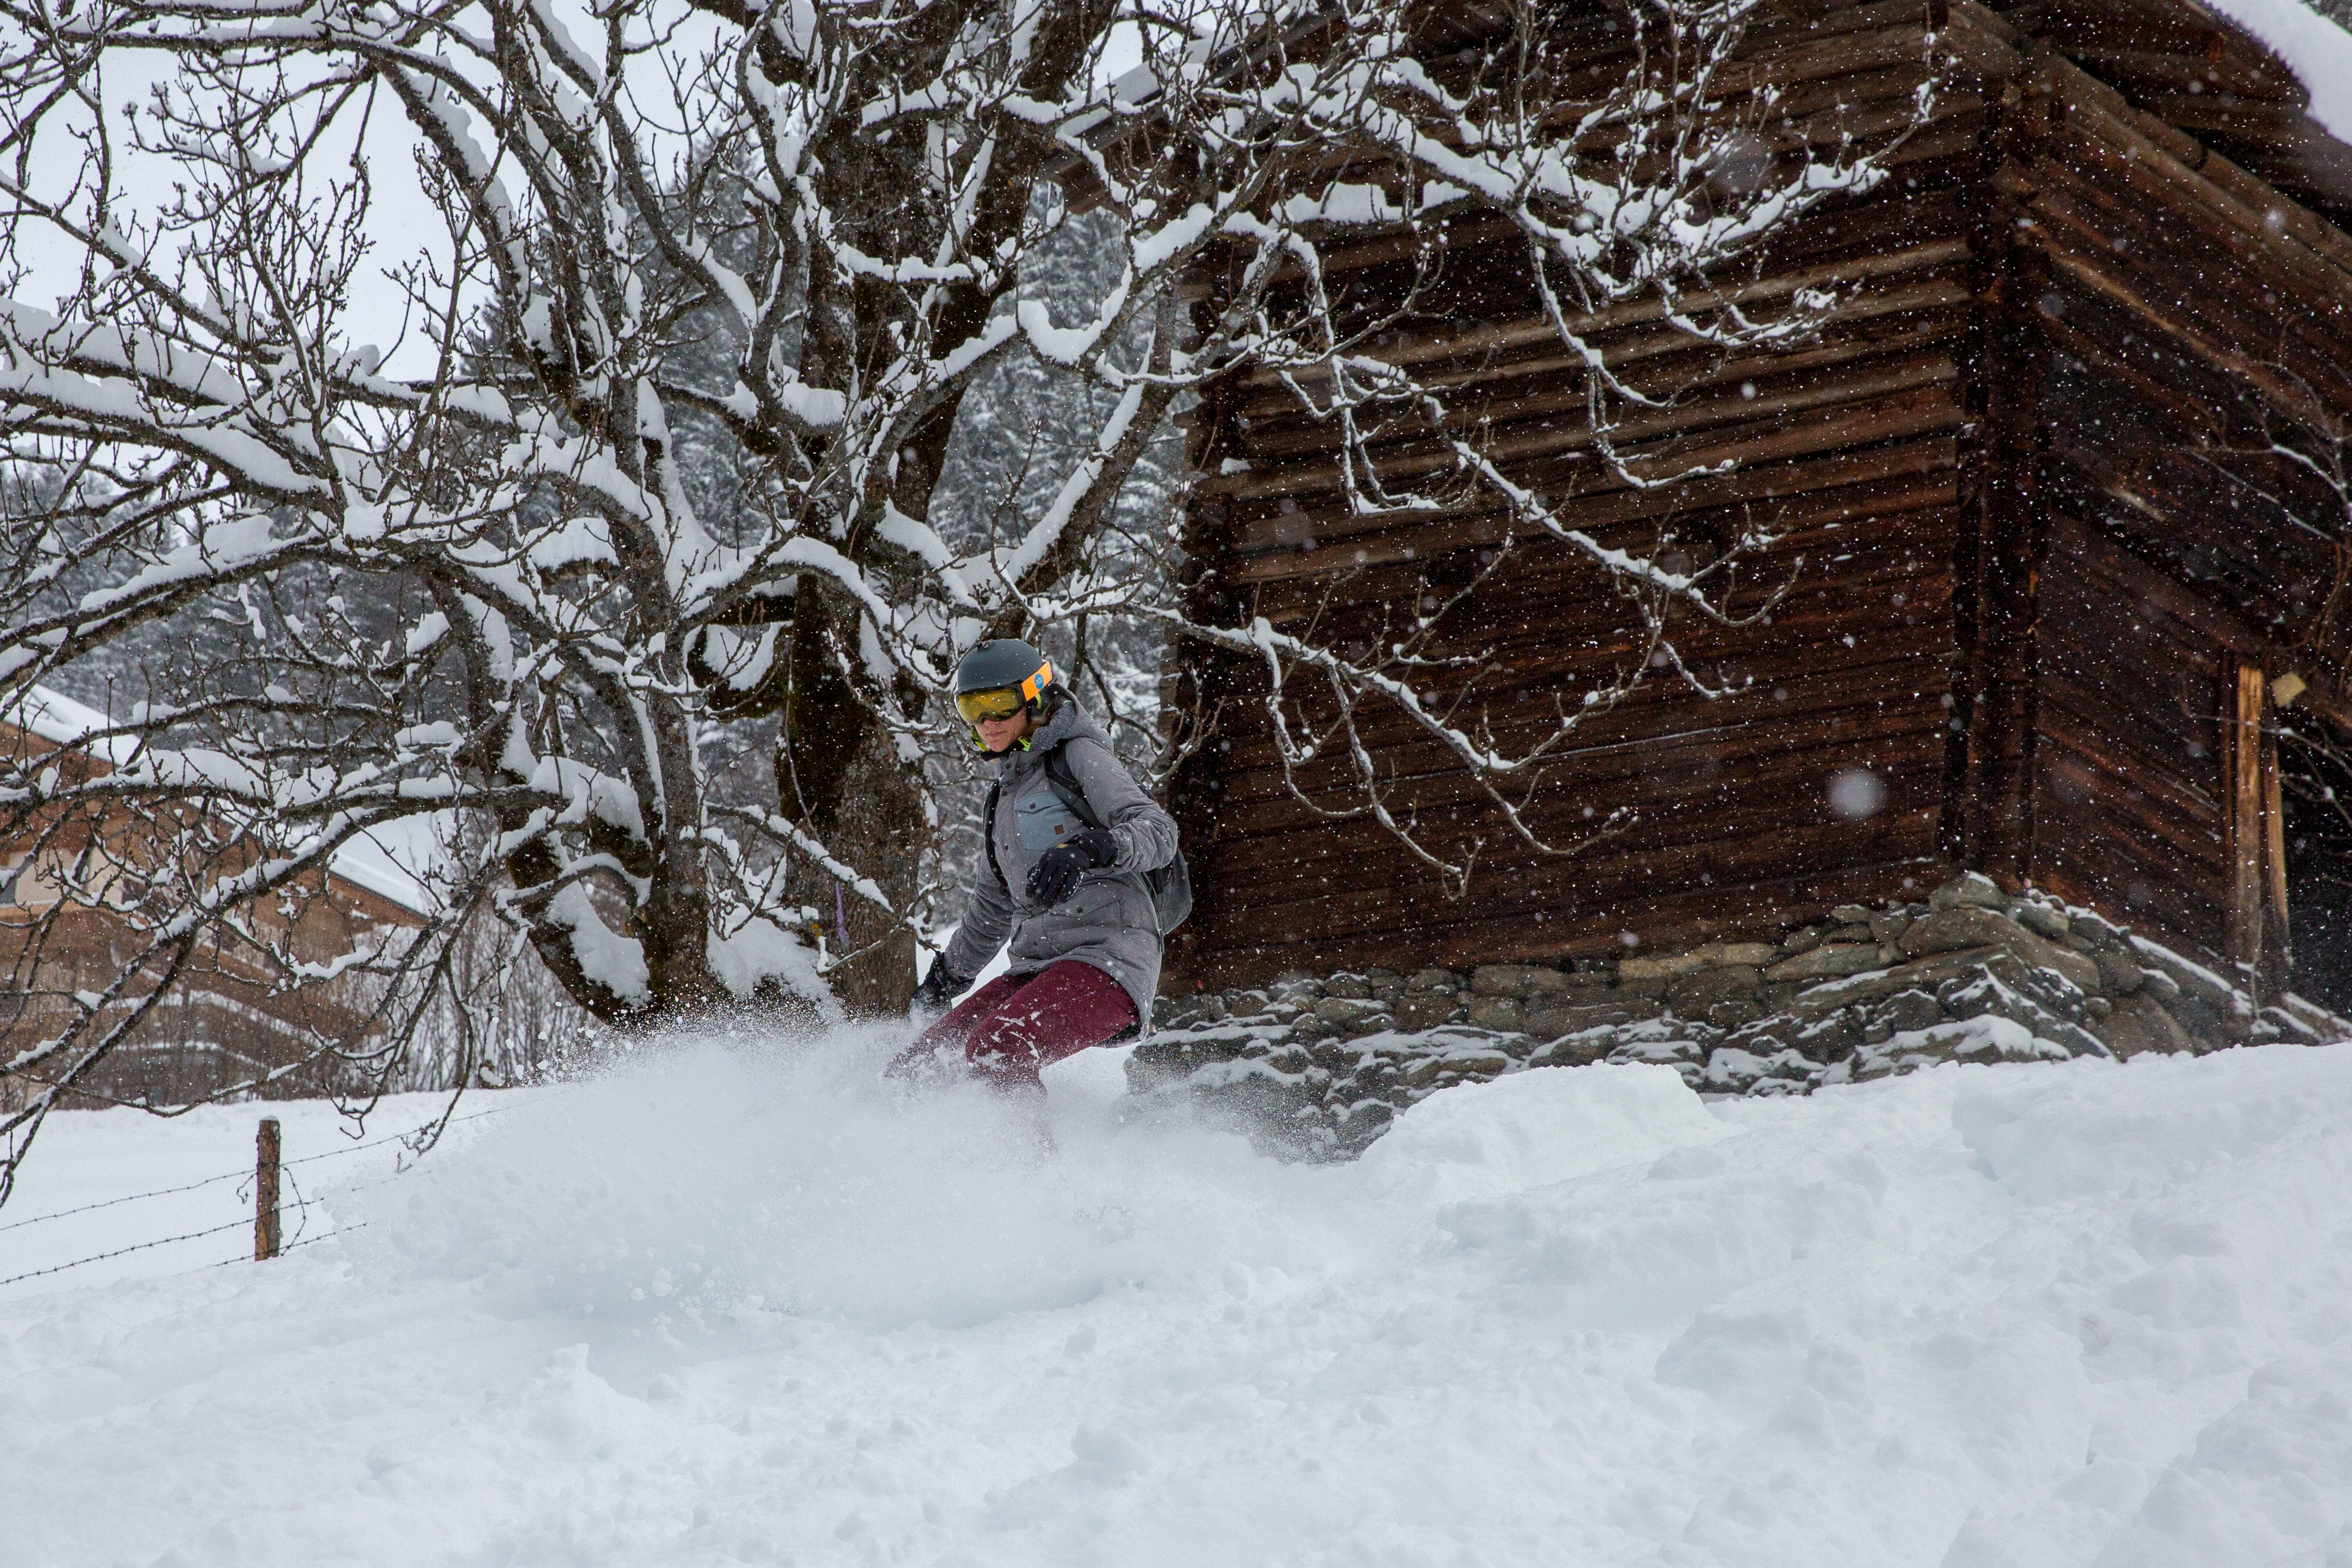 zillertal, oostenrijk, wintersport, snowboarden, valley ralley, daisy